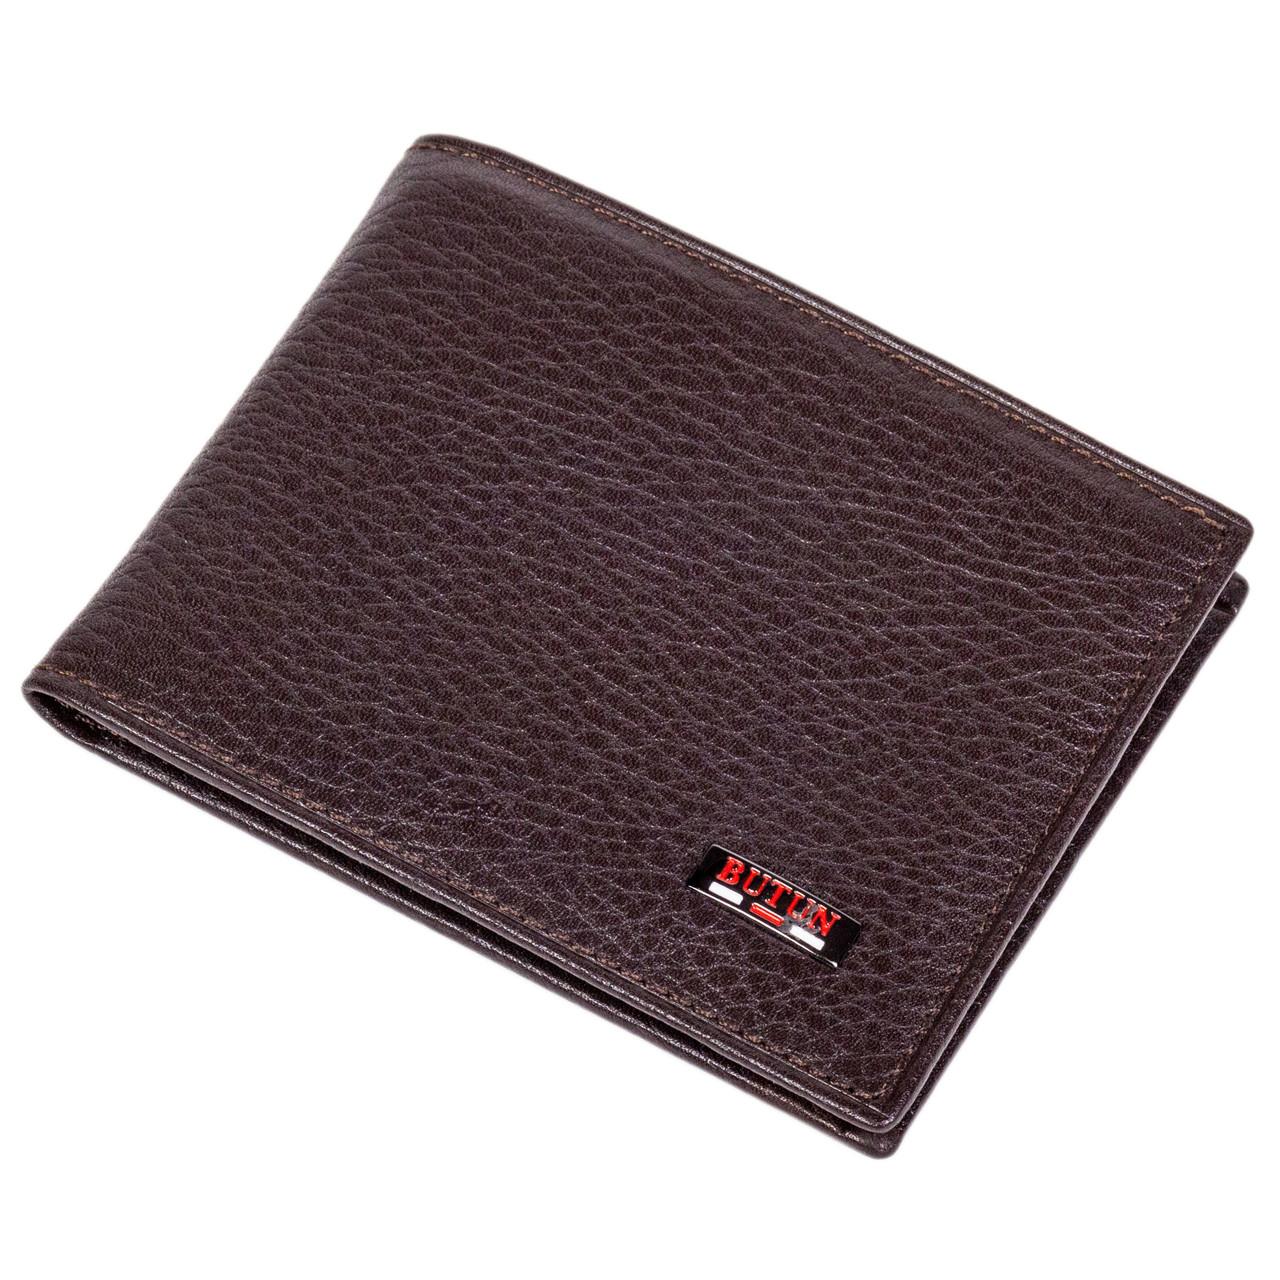 Мужской кошелек на магнитах BUTUN 243-004-004 кожаный коричневый